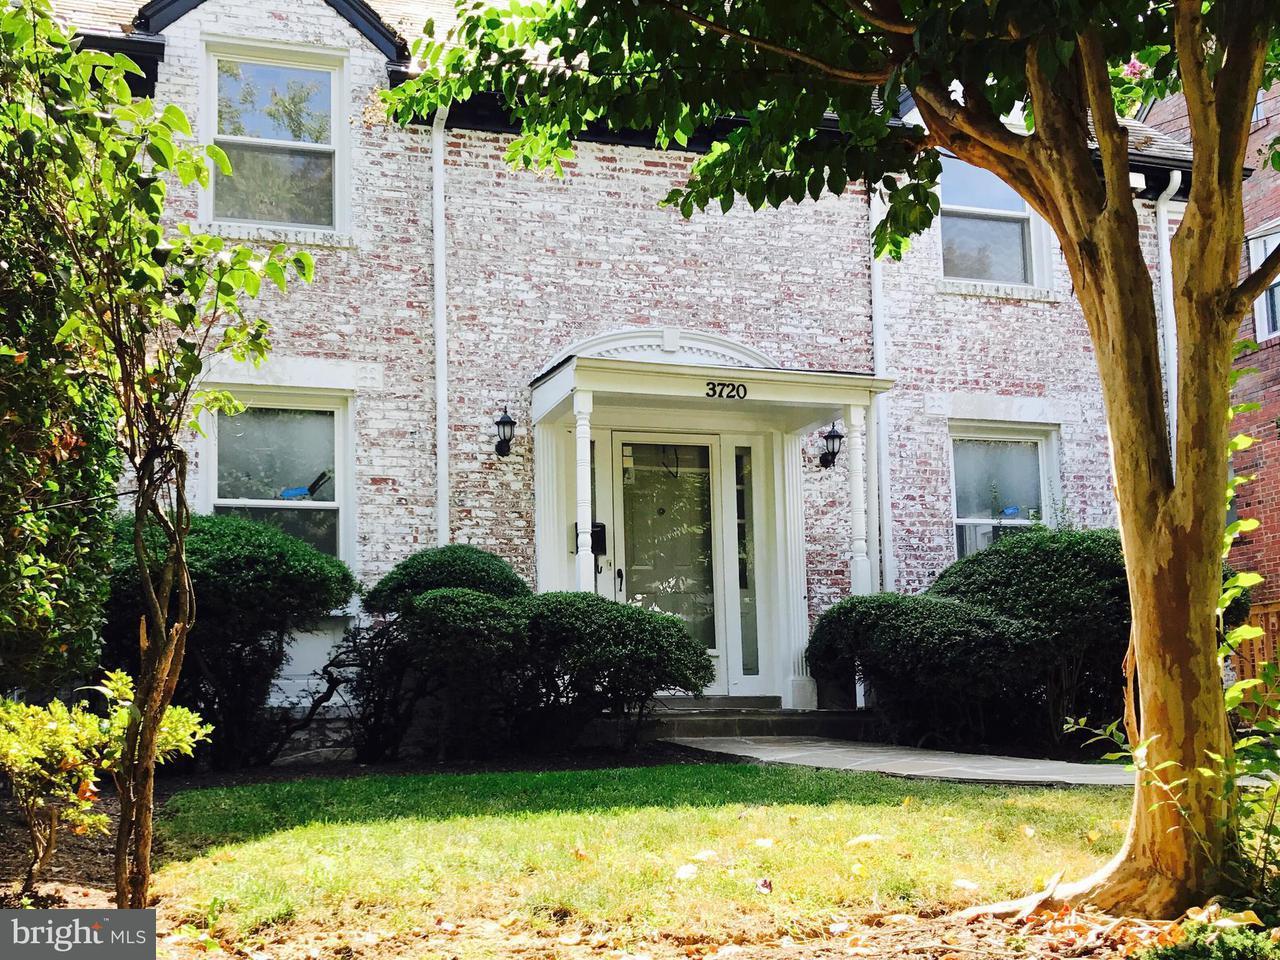 一戸建て のために 売買 アット 3720 ALTON PL NW 3720 ALTON PL NW Washington, コロンビア特別区 20016 アメリカ合衆国